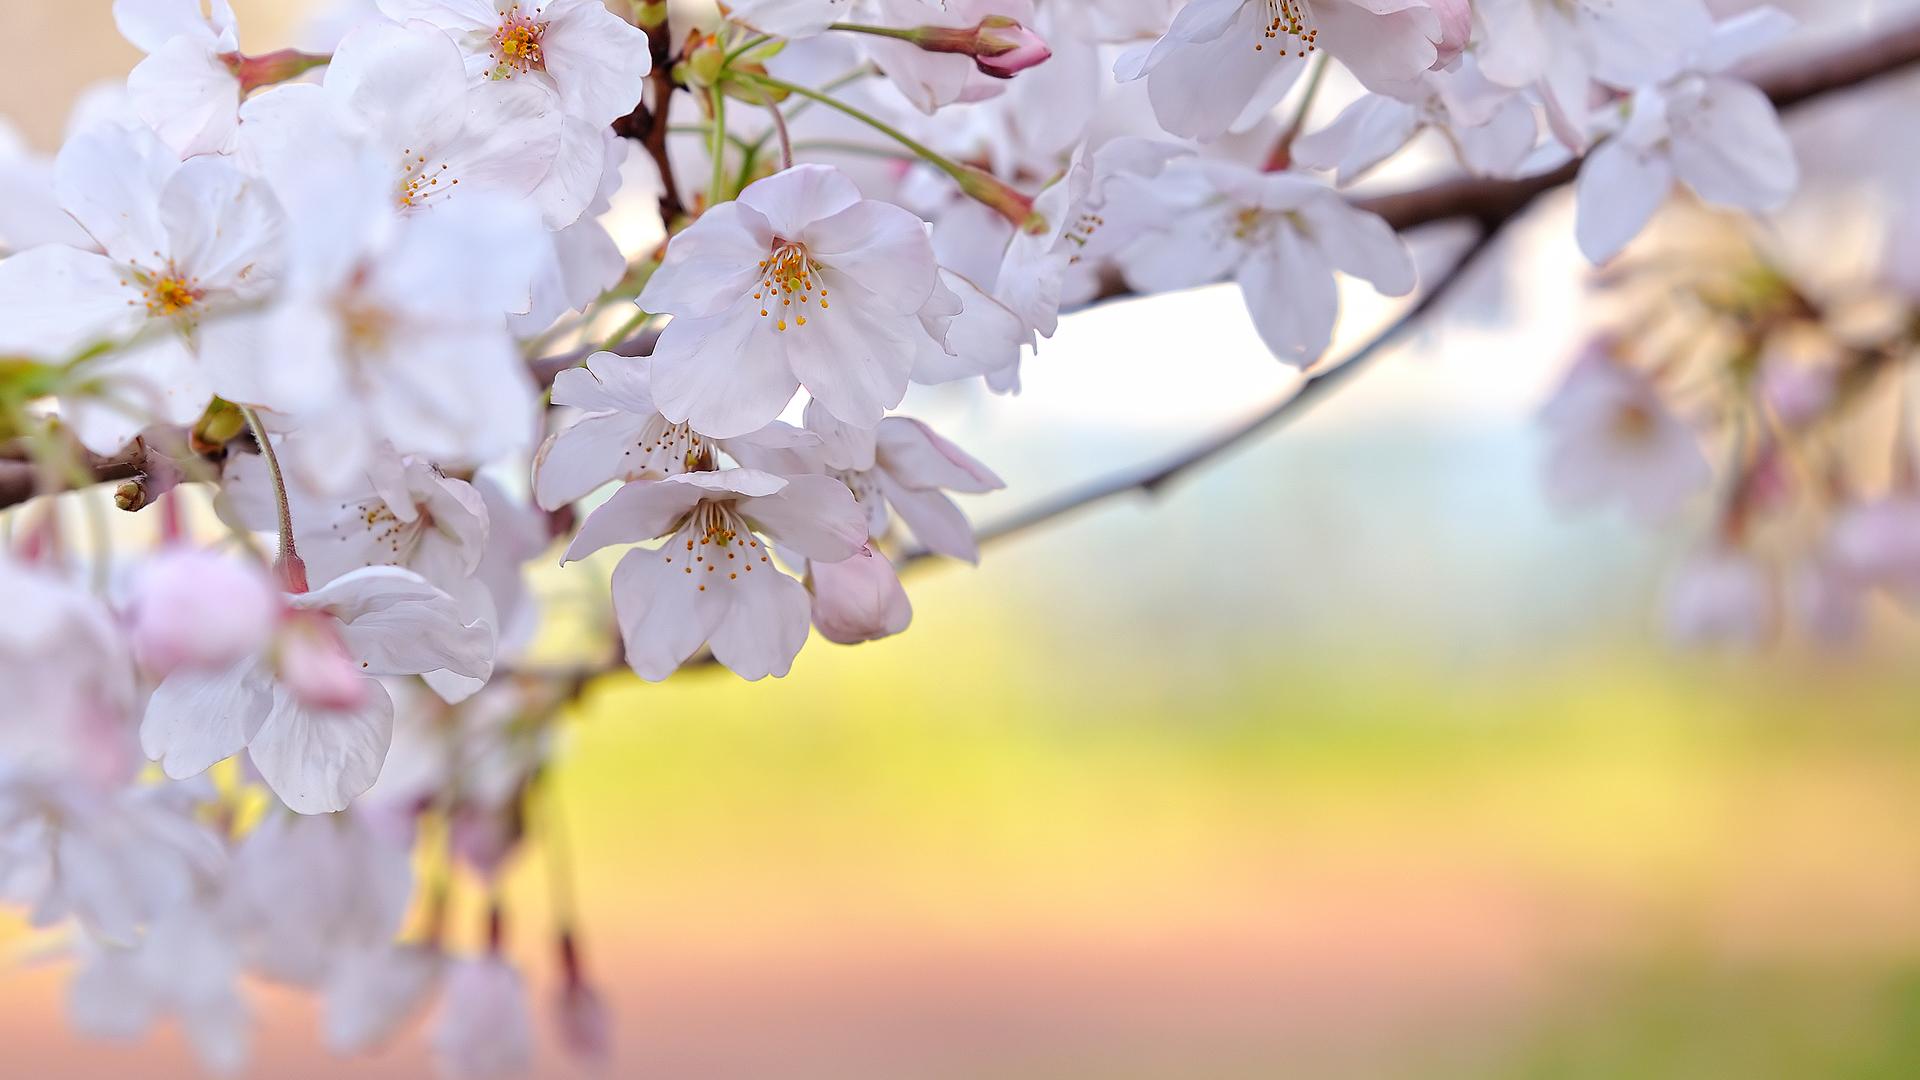 Spring Wallpaper Hd Resolution For Desktop Wallpaper - Desktop Wallpaper Flowers Hd , HD Wallpaper & Backgrounds